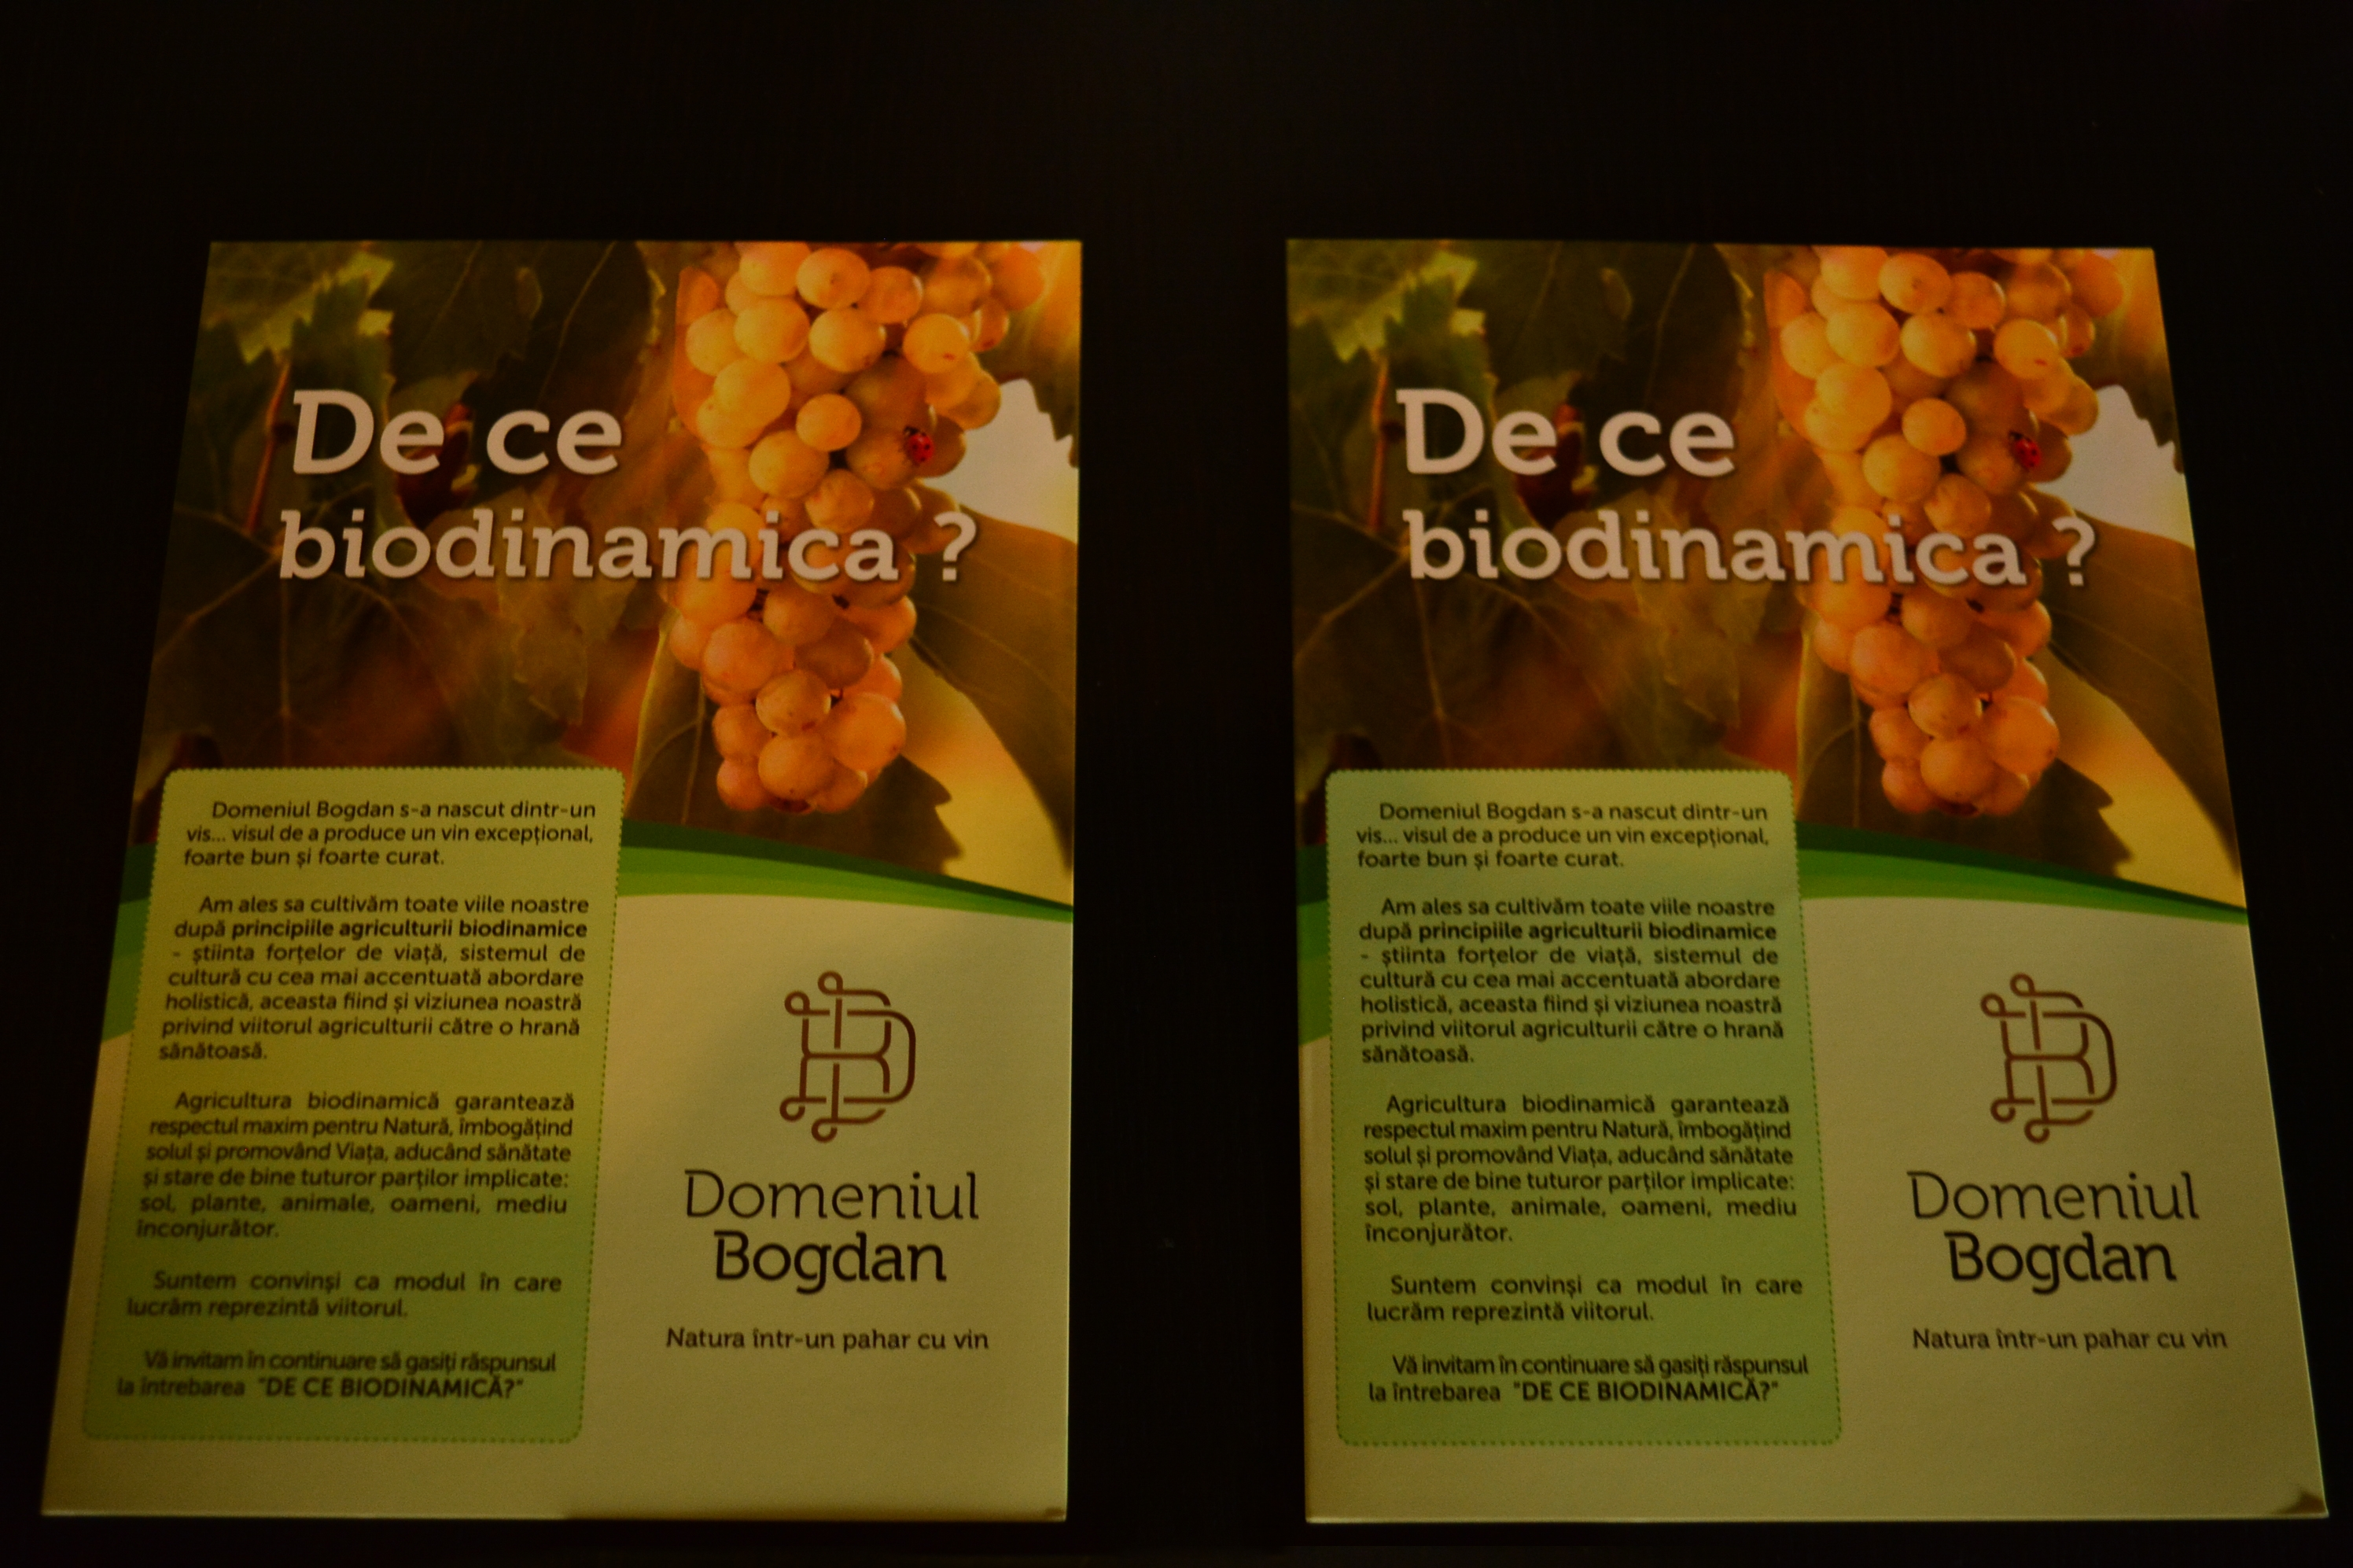 cultura biodinamica